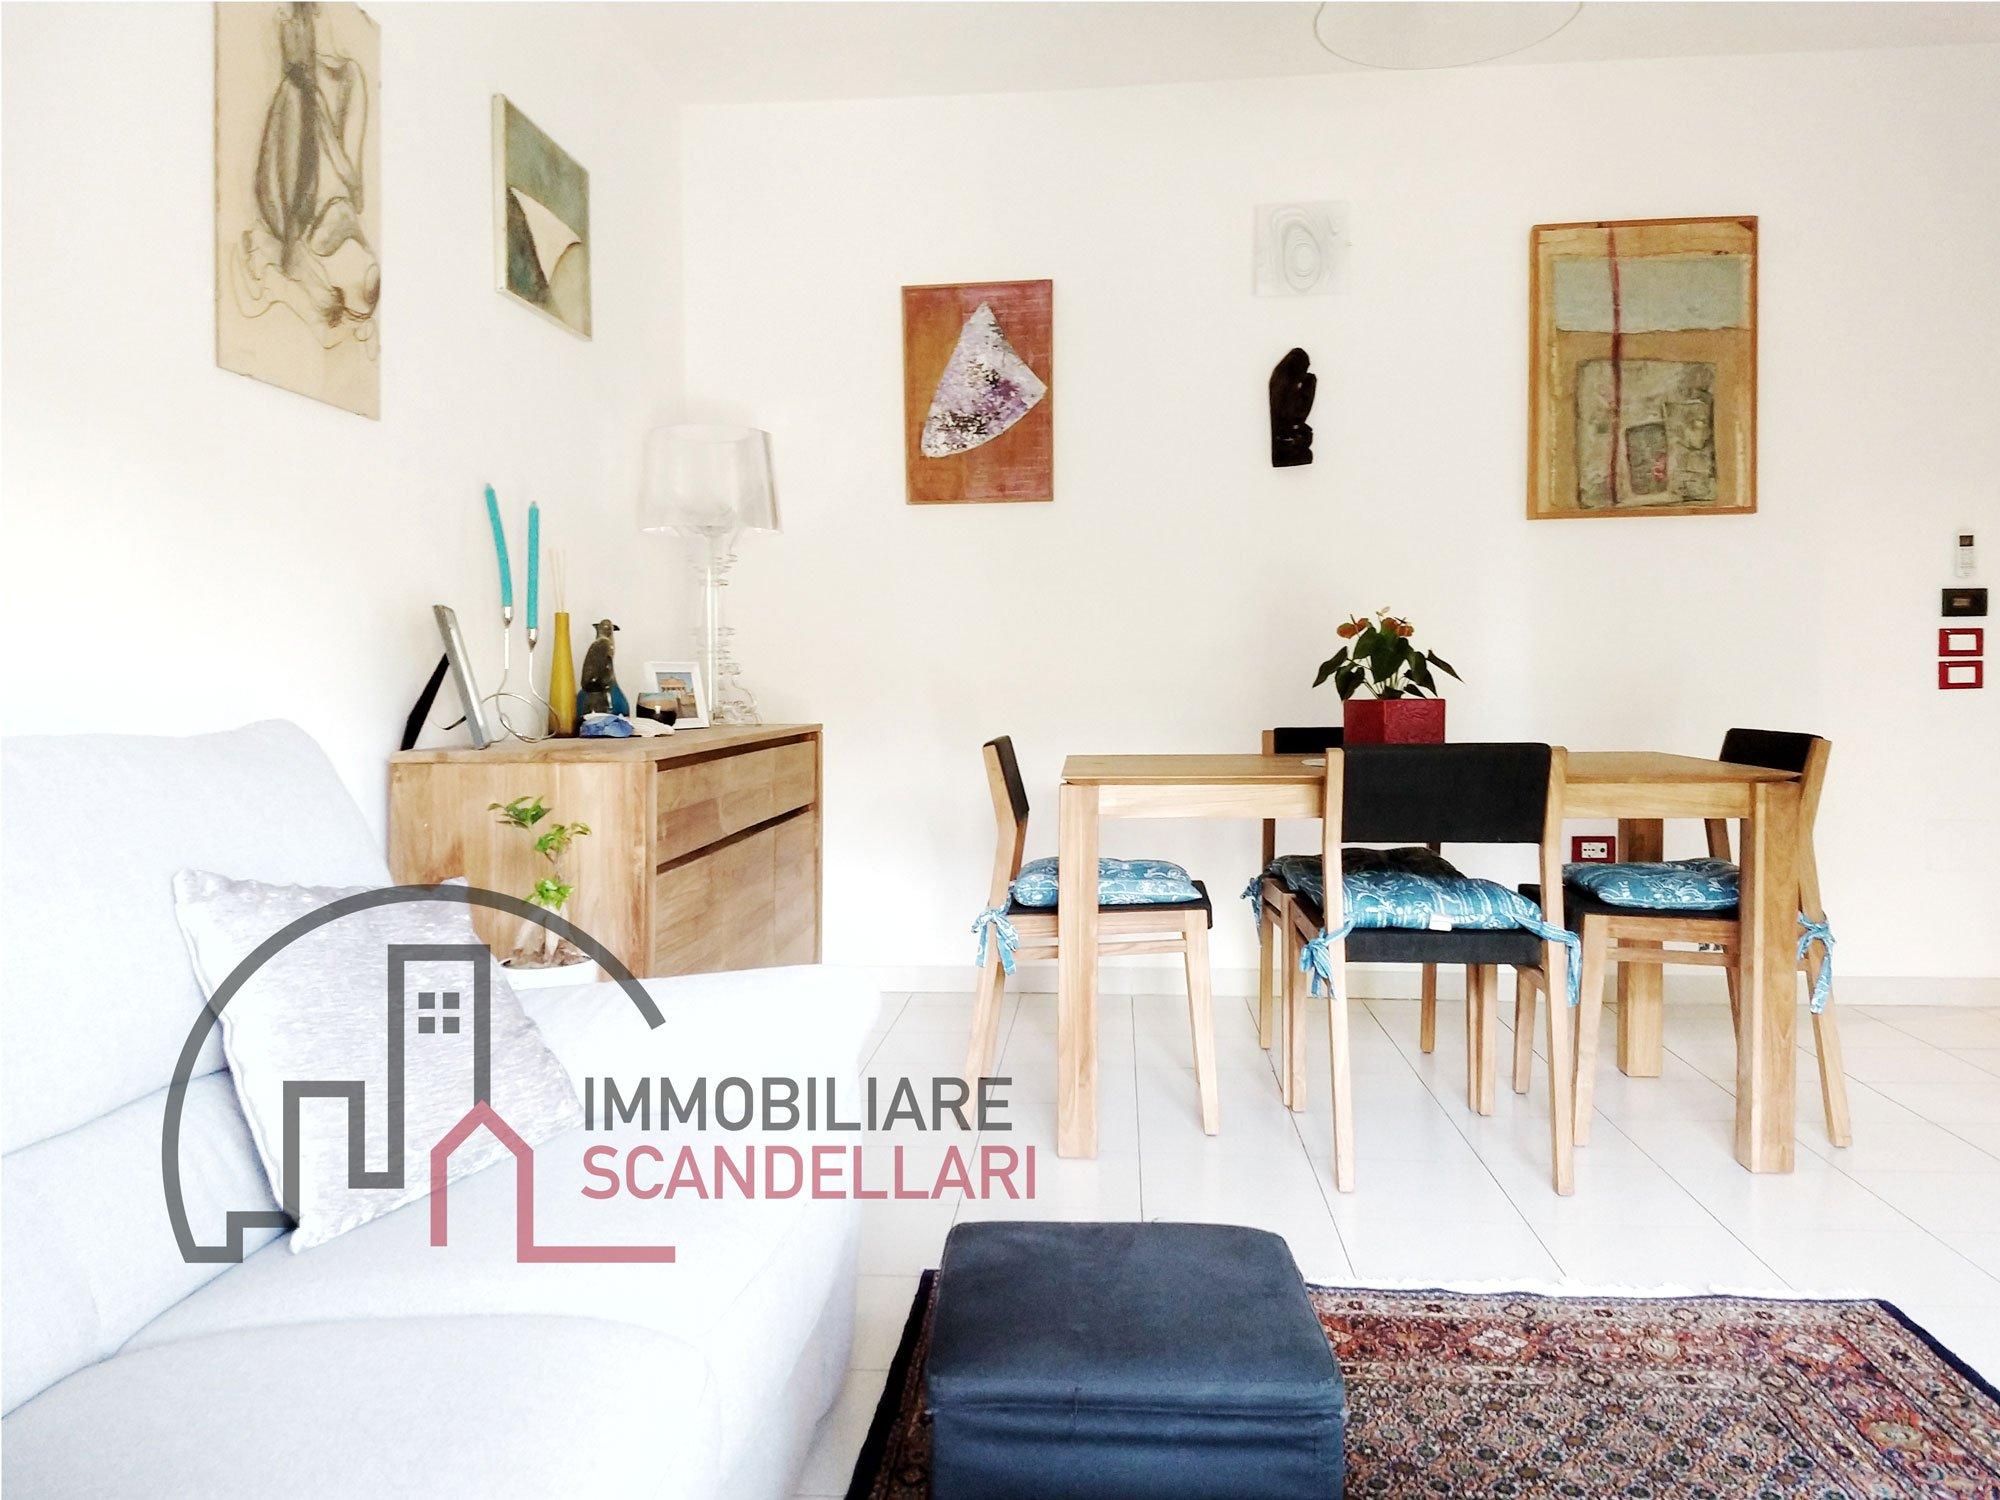 Immobiliare Scandellari La Tua Casa A Rimini E Dintorni